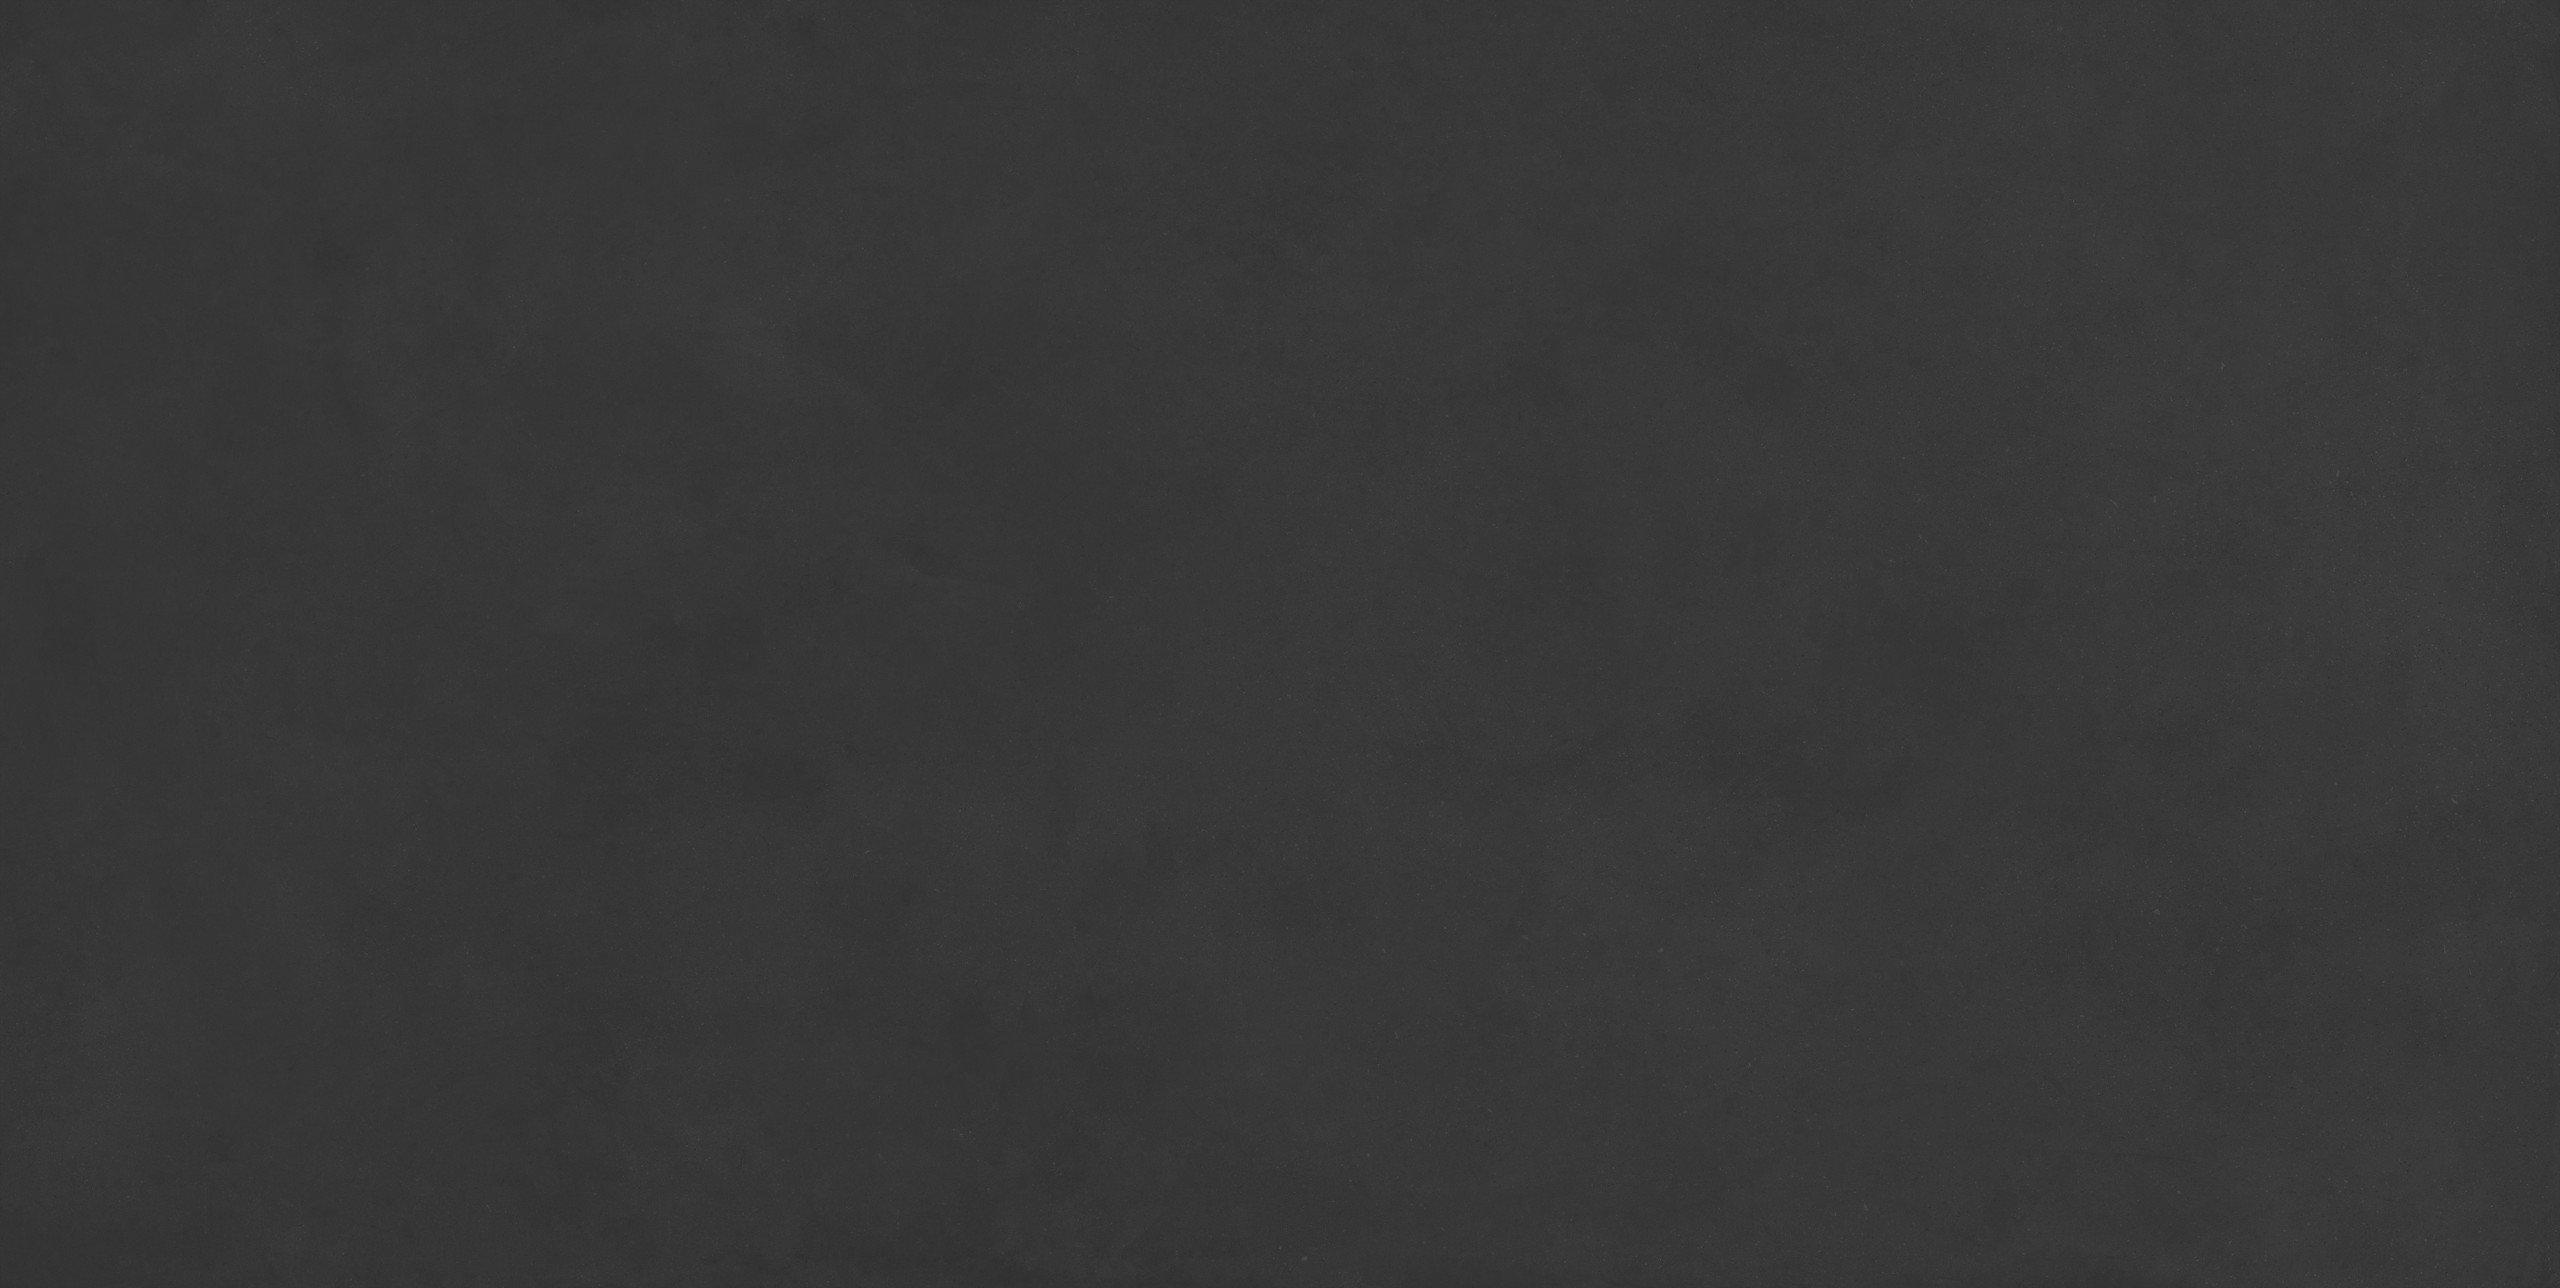 Idylium Brera Cementio Nigellus